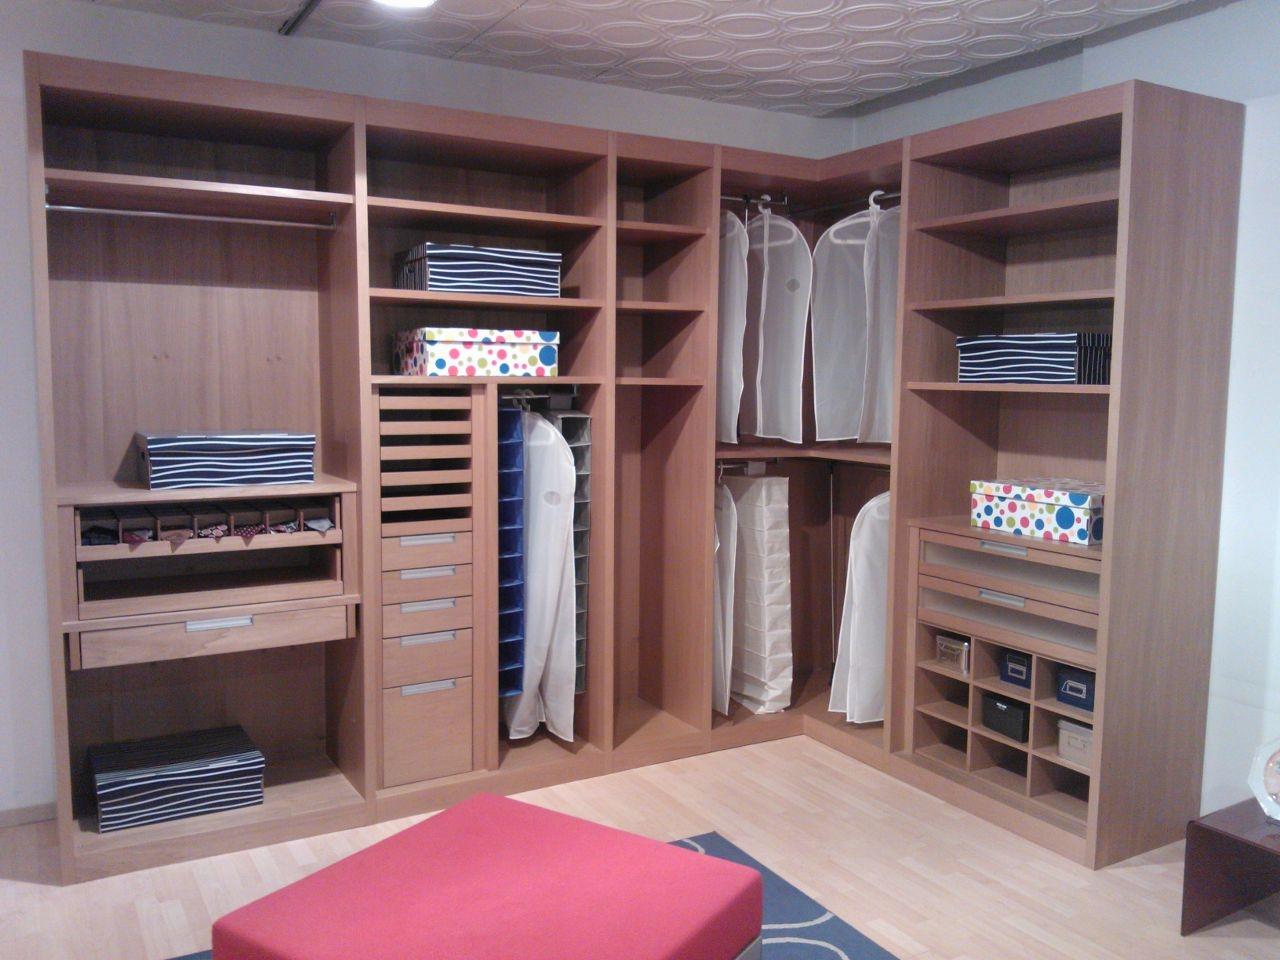 Armadio angolare prezzi: armadio angolare in camera da letto ...